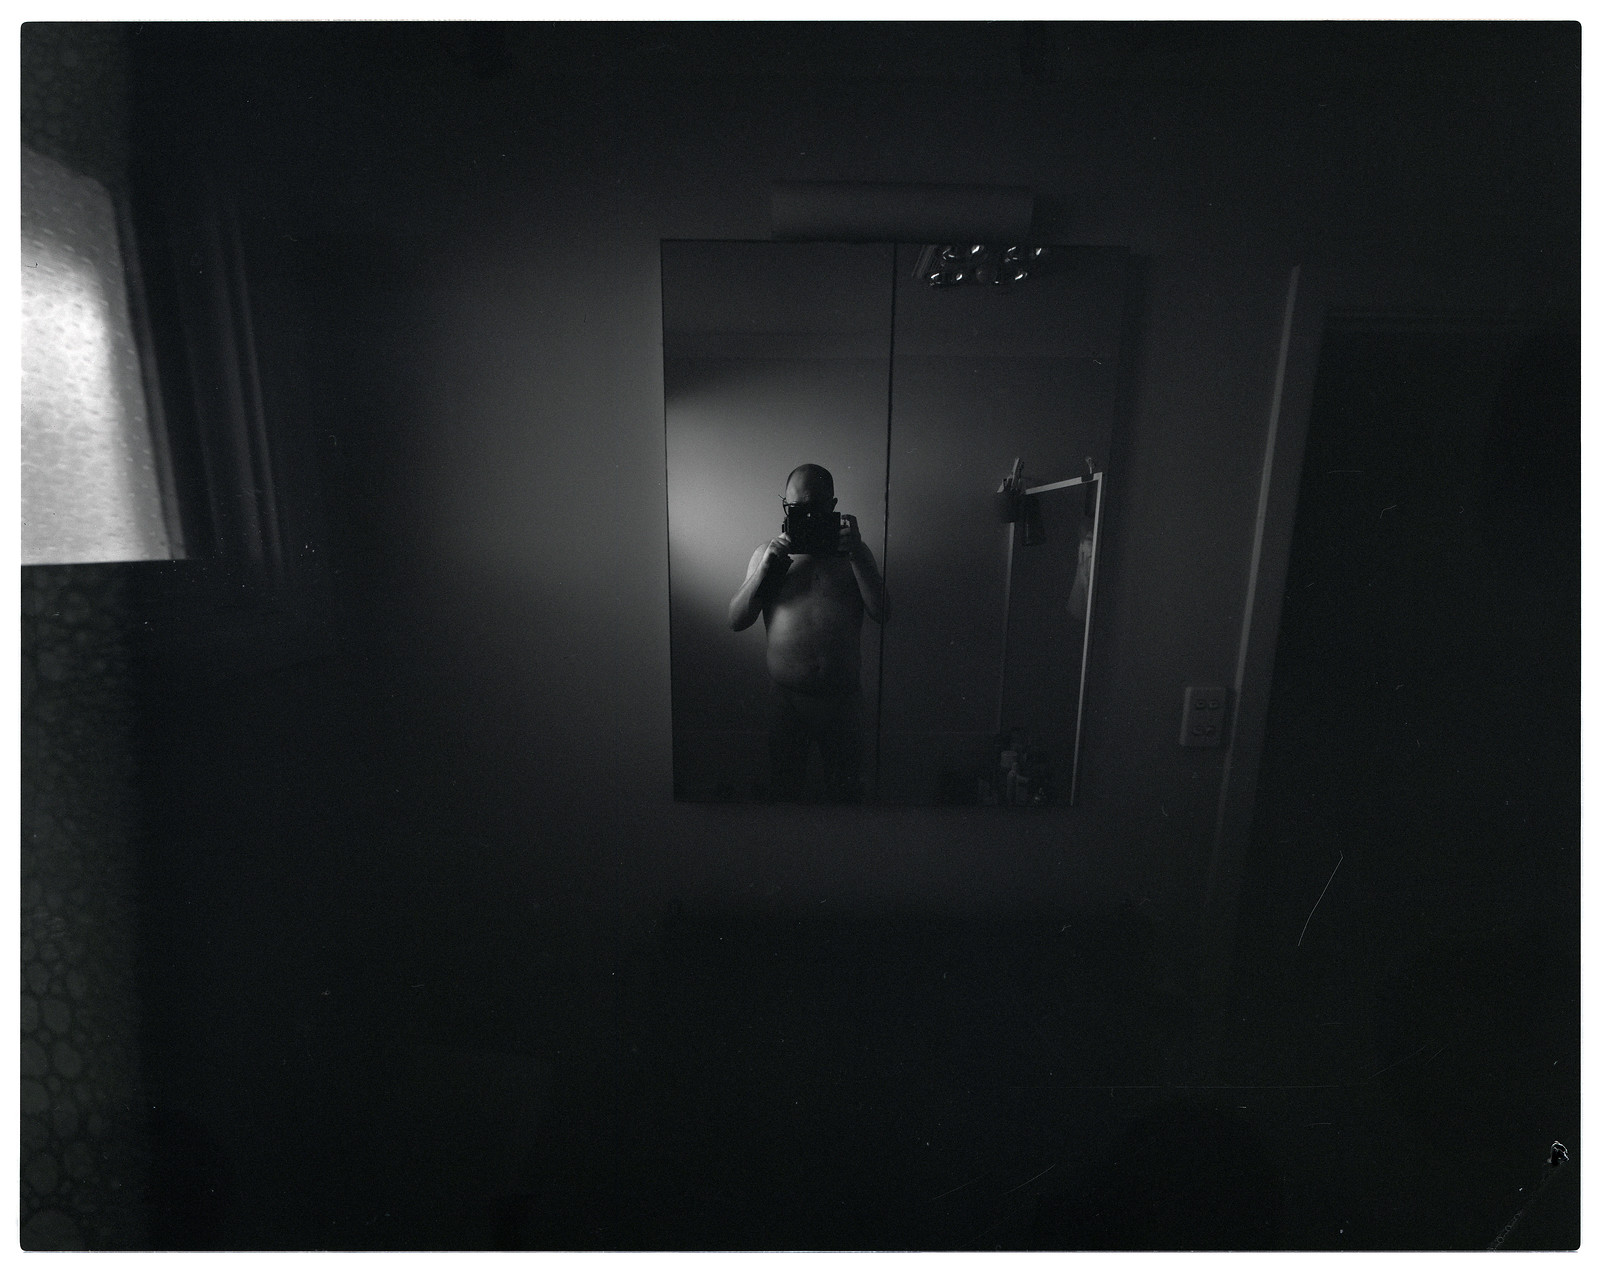 Last Frame Nude Selfie